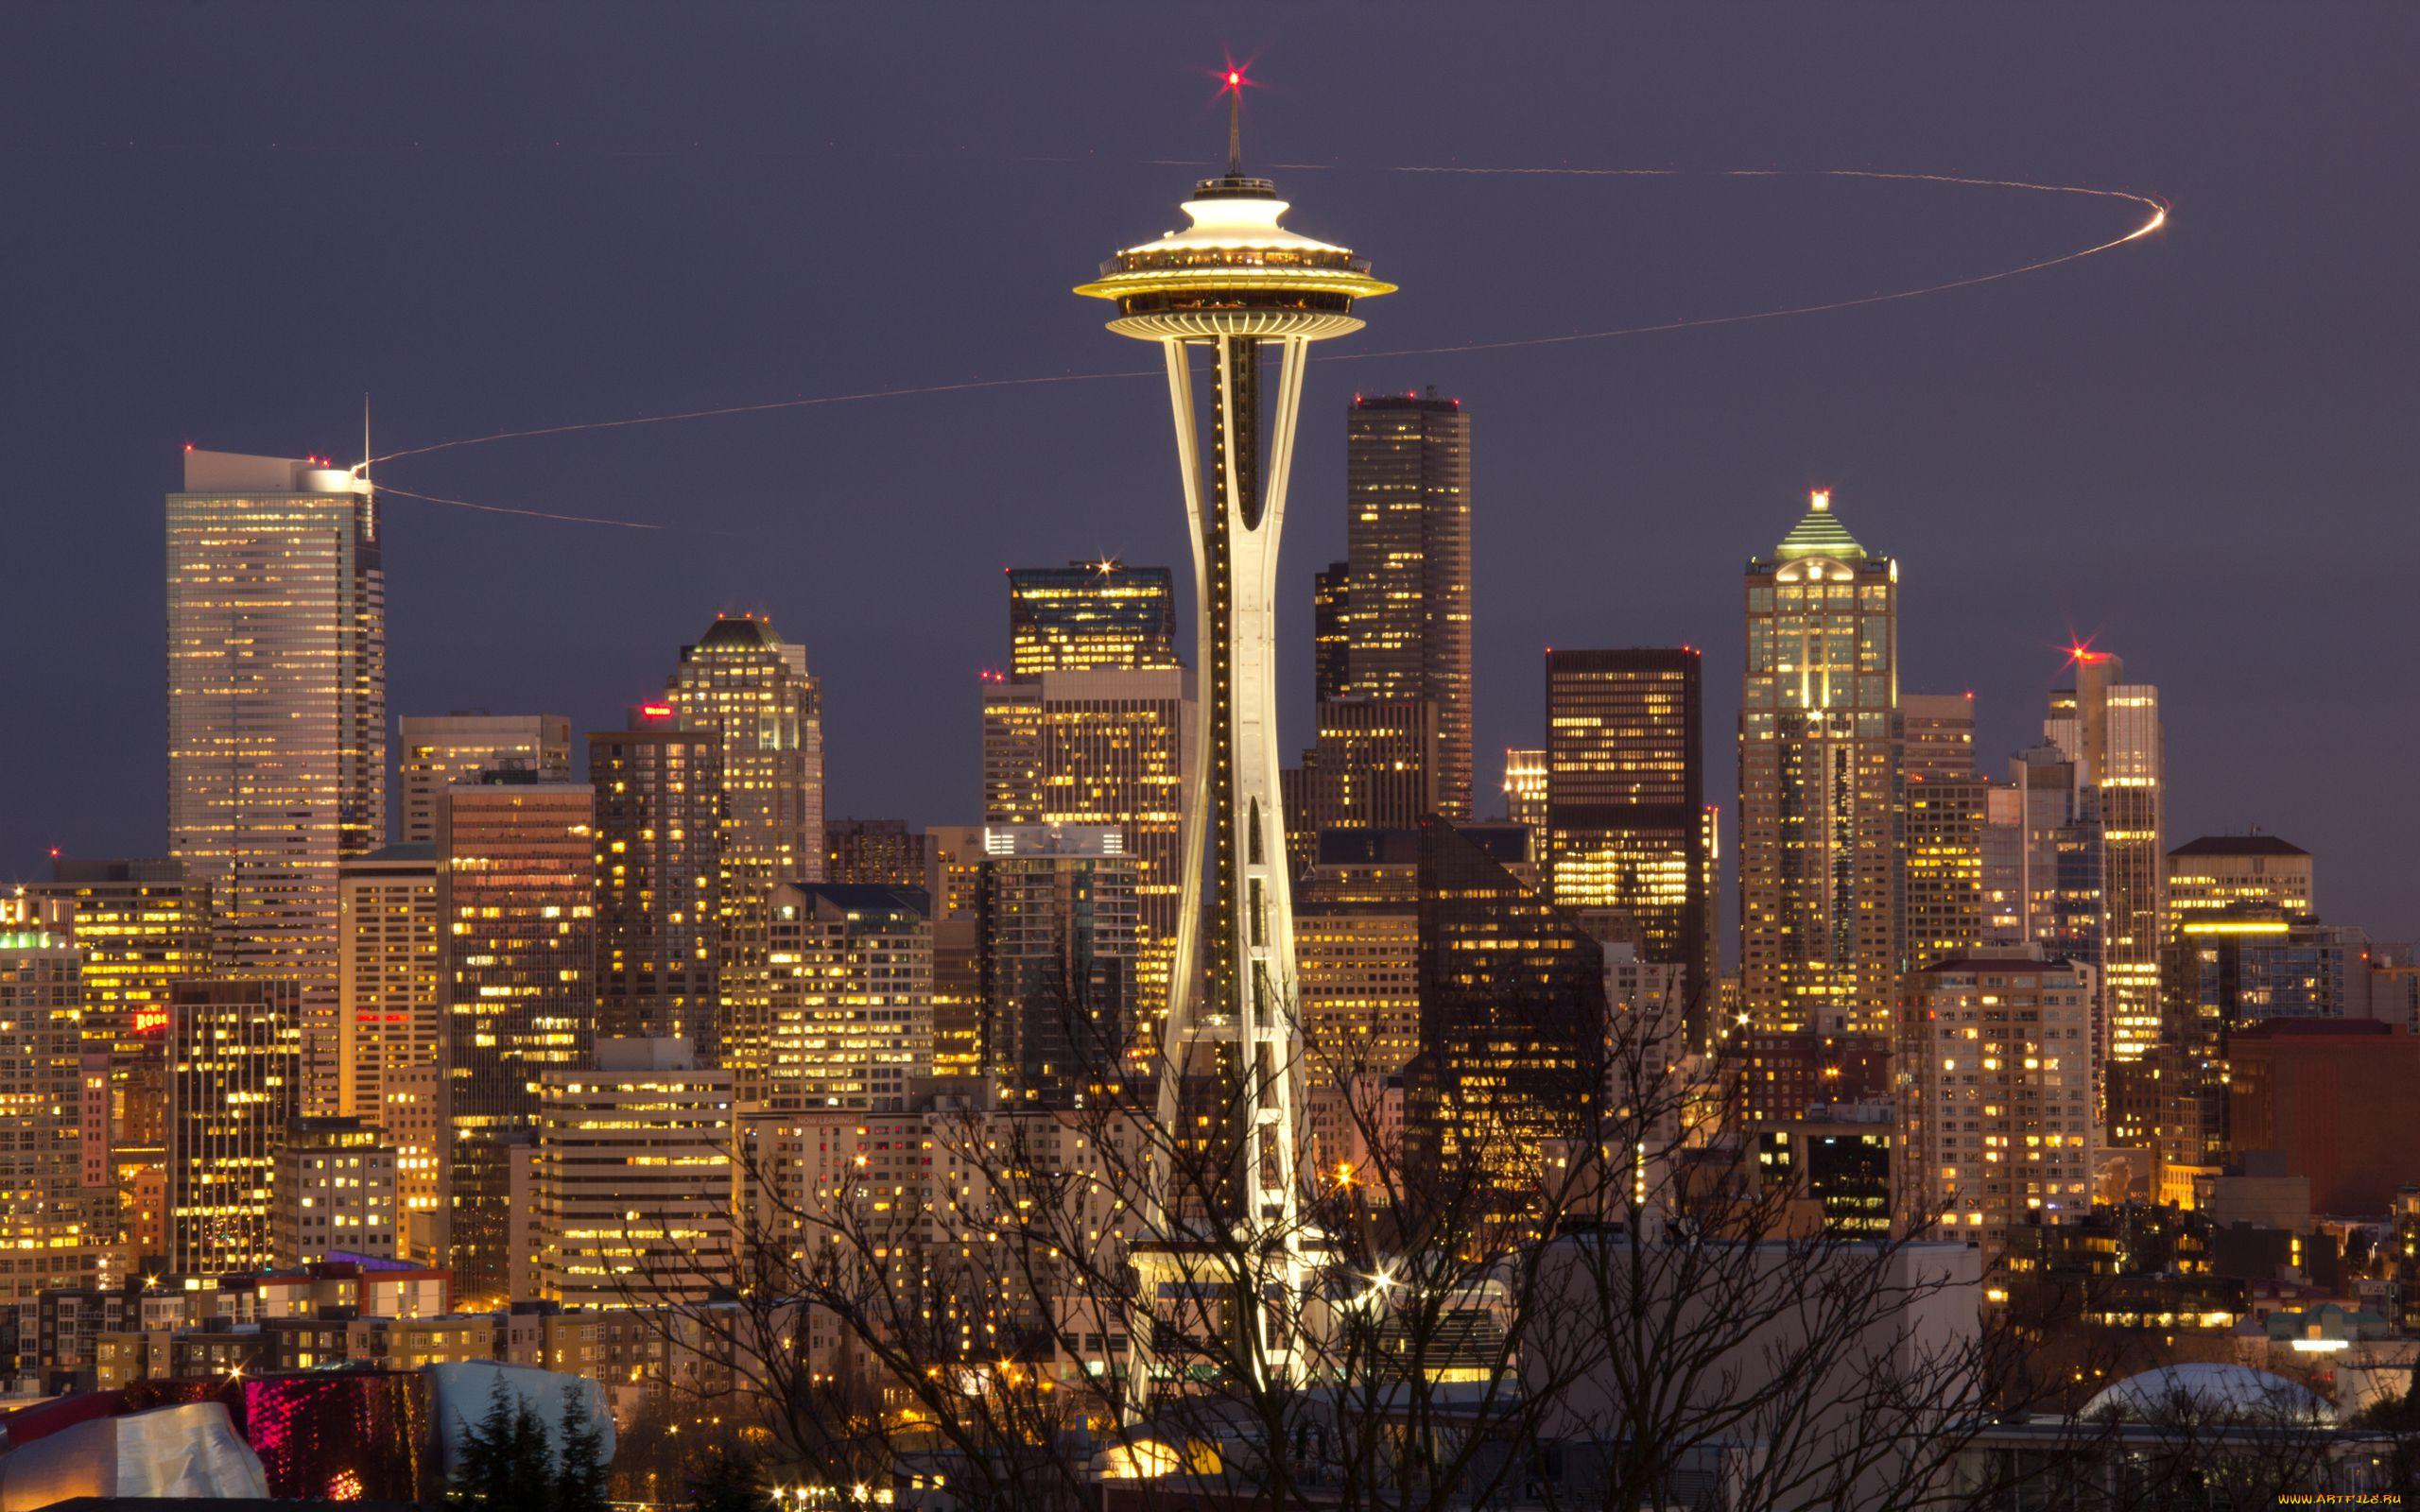 города америки фото с названиями маской аквалангом